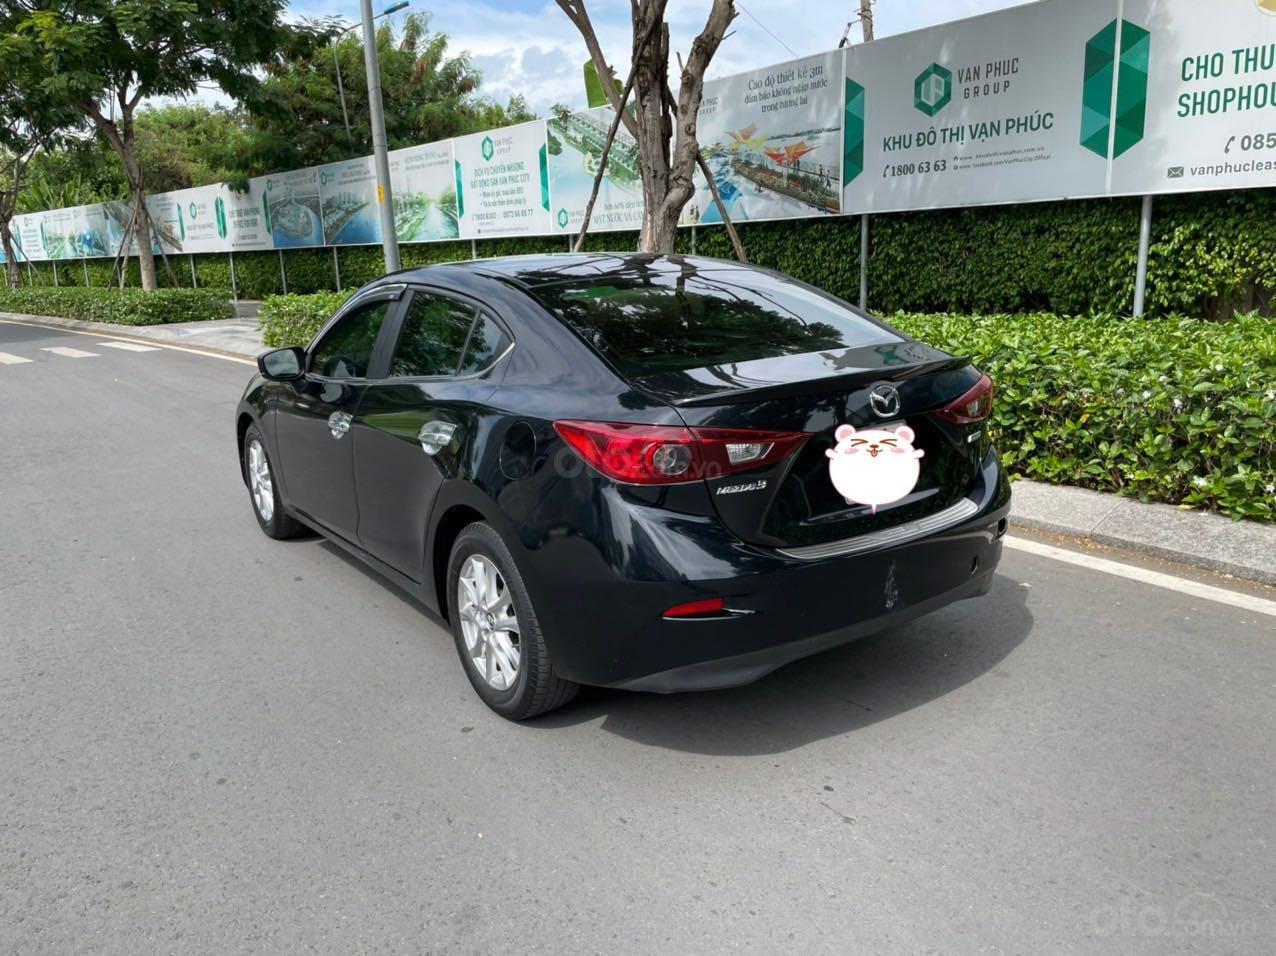 Cần bán xe Mazda 3 sản xuất 2018, màu đen xe gia đình giá chỉ 599 triệu đồng (7)